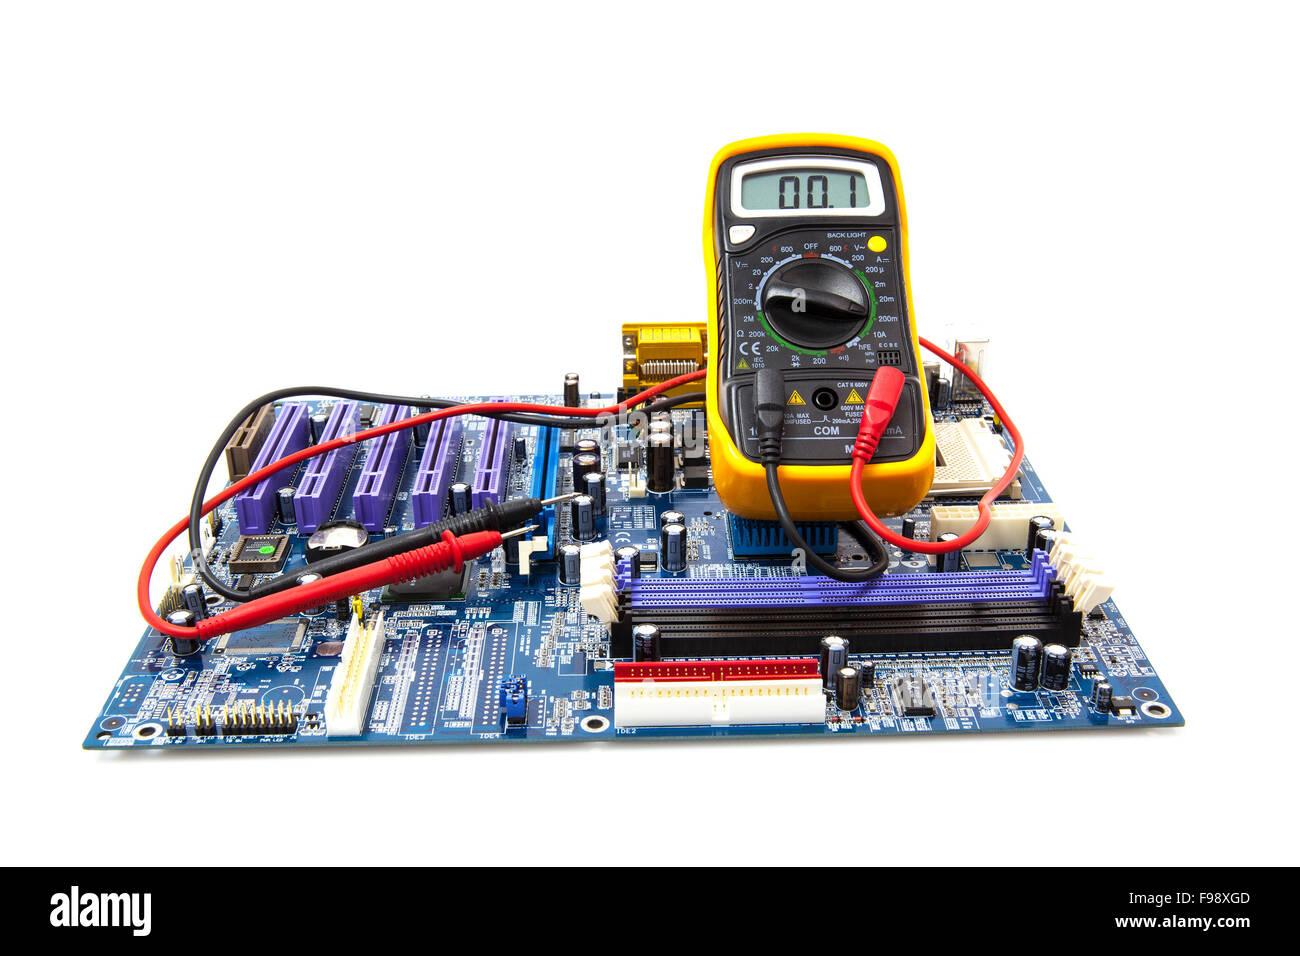 Multimeter und Computer Platine auf weißem Hintergrund Stockbild